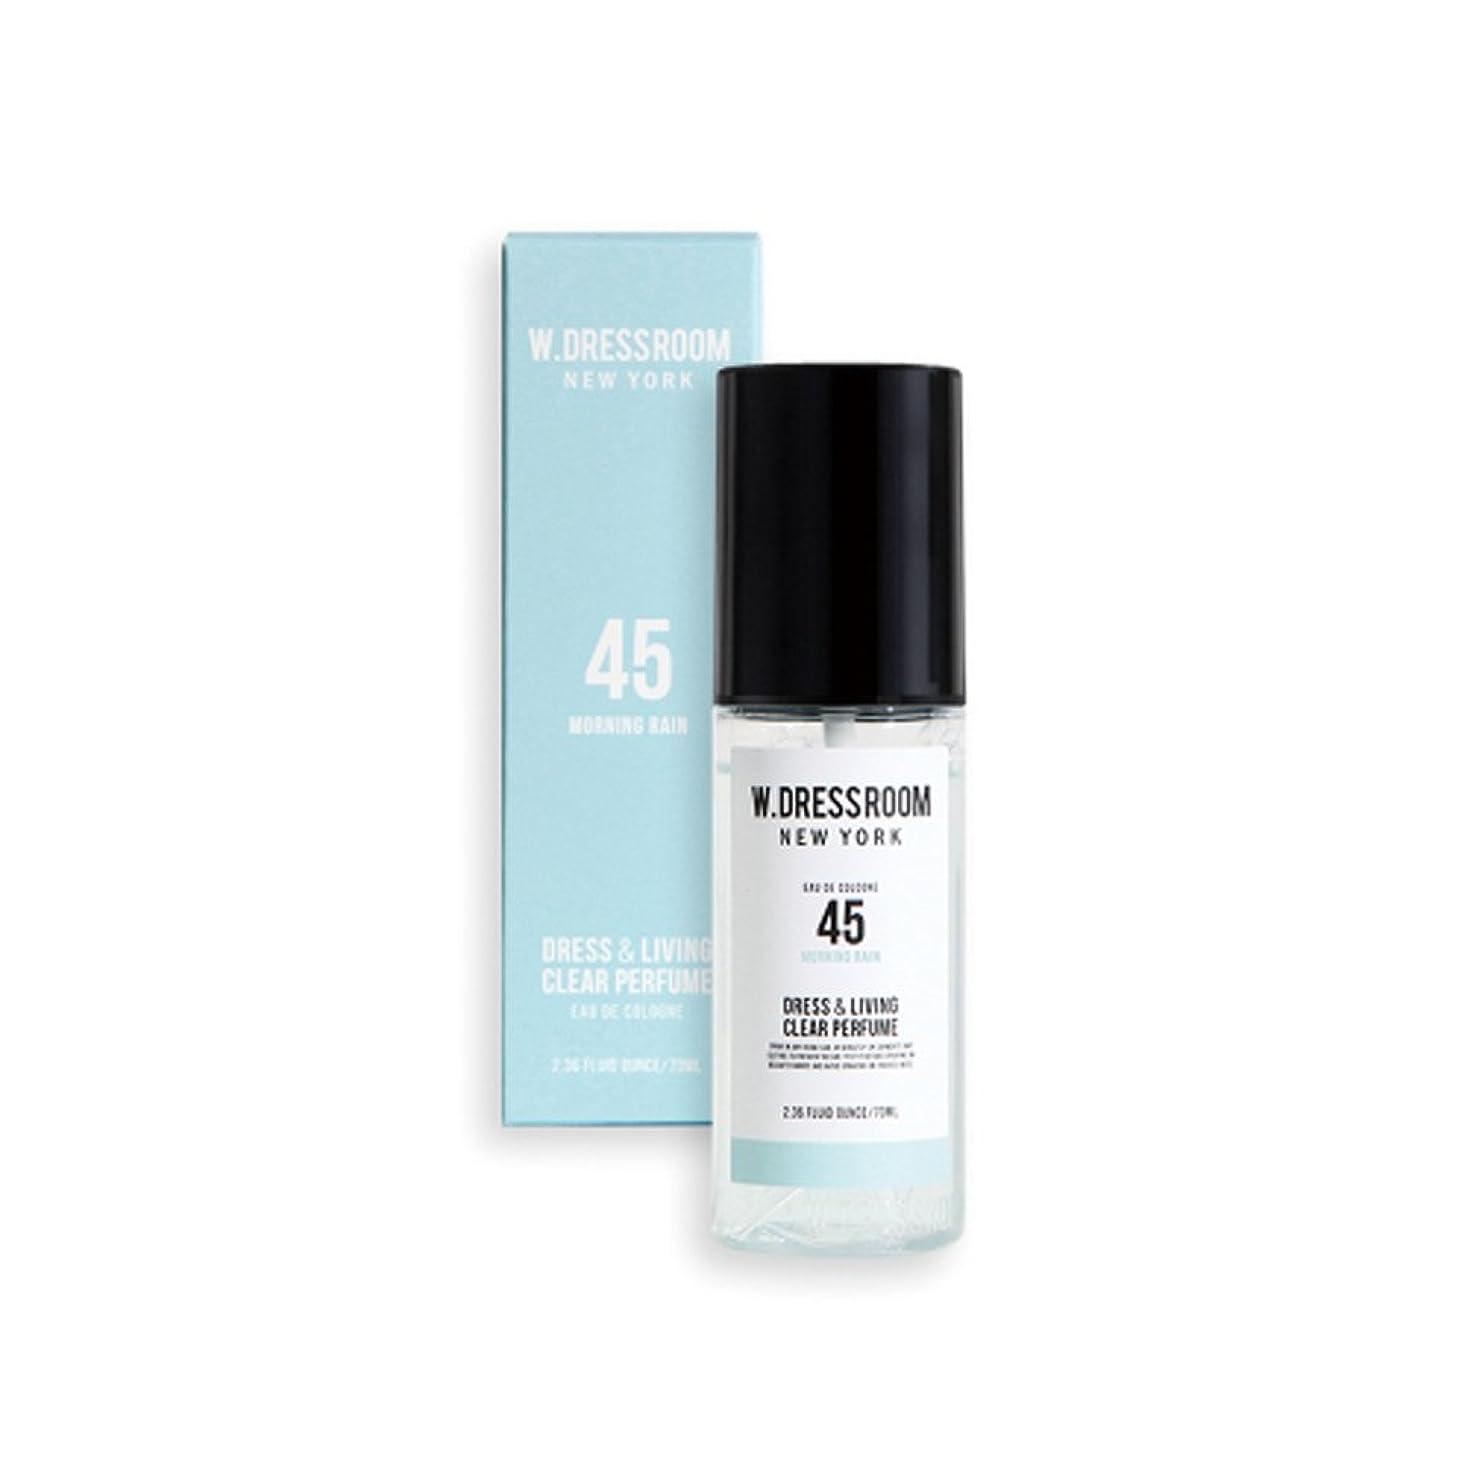 スリット苦難迫害W.DRESSROOM Dress & Living Clear Perfume fragrance 70ml (#No.45 Morning Rain) /ダブルドレスルーム ドレス&リビング クリア パフューム 70ml (#No.45 Morning Rain)